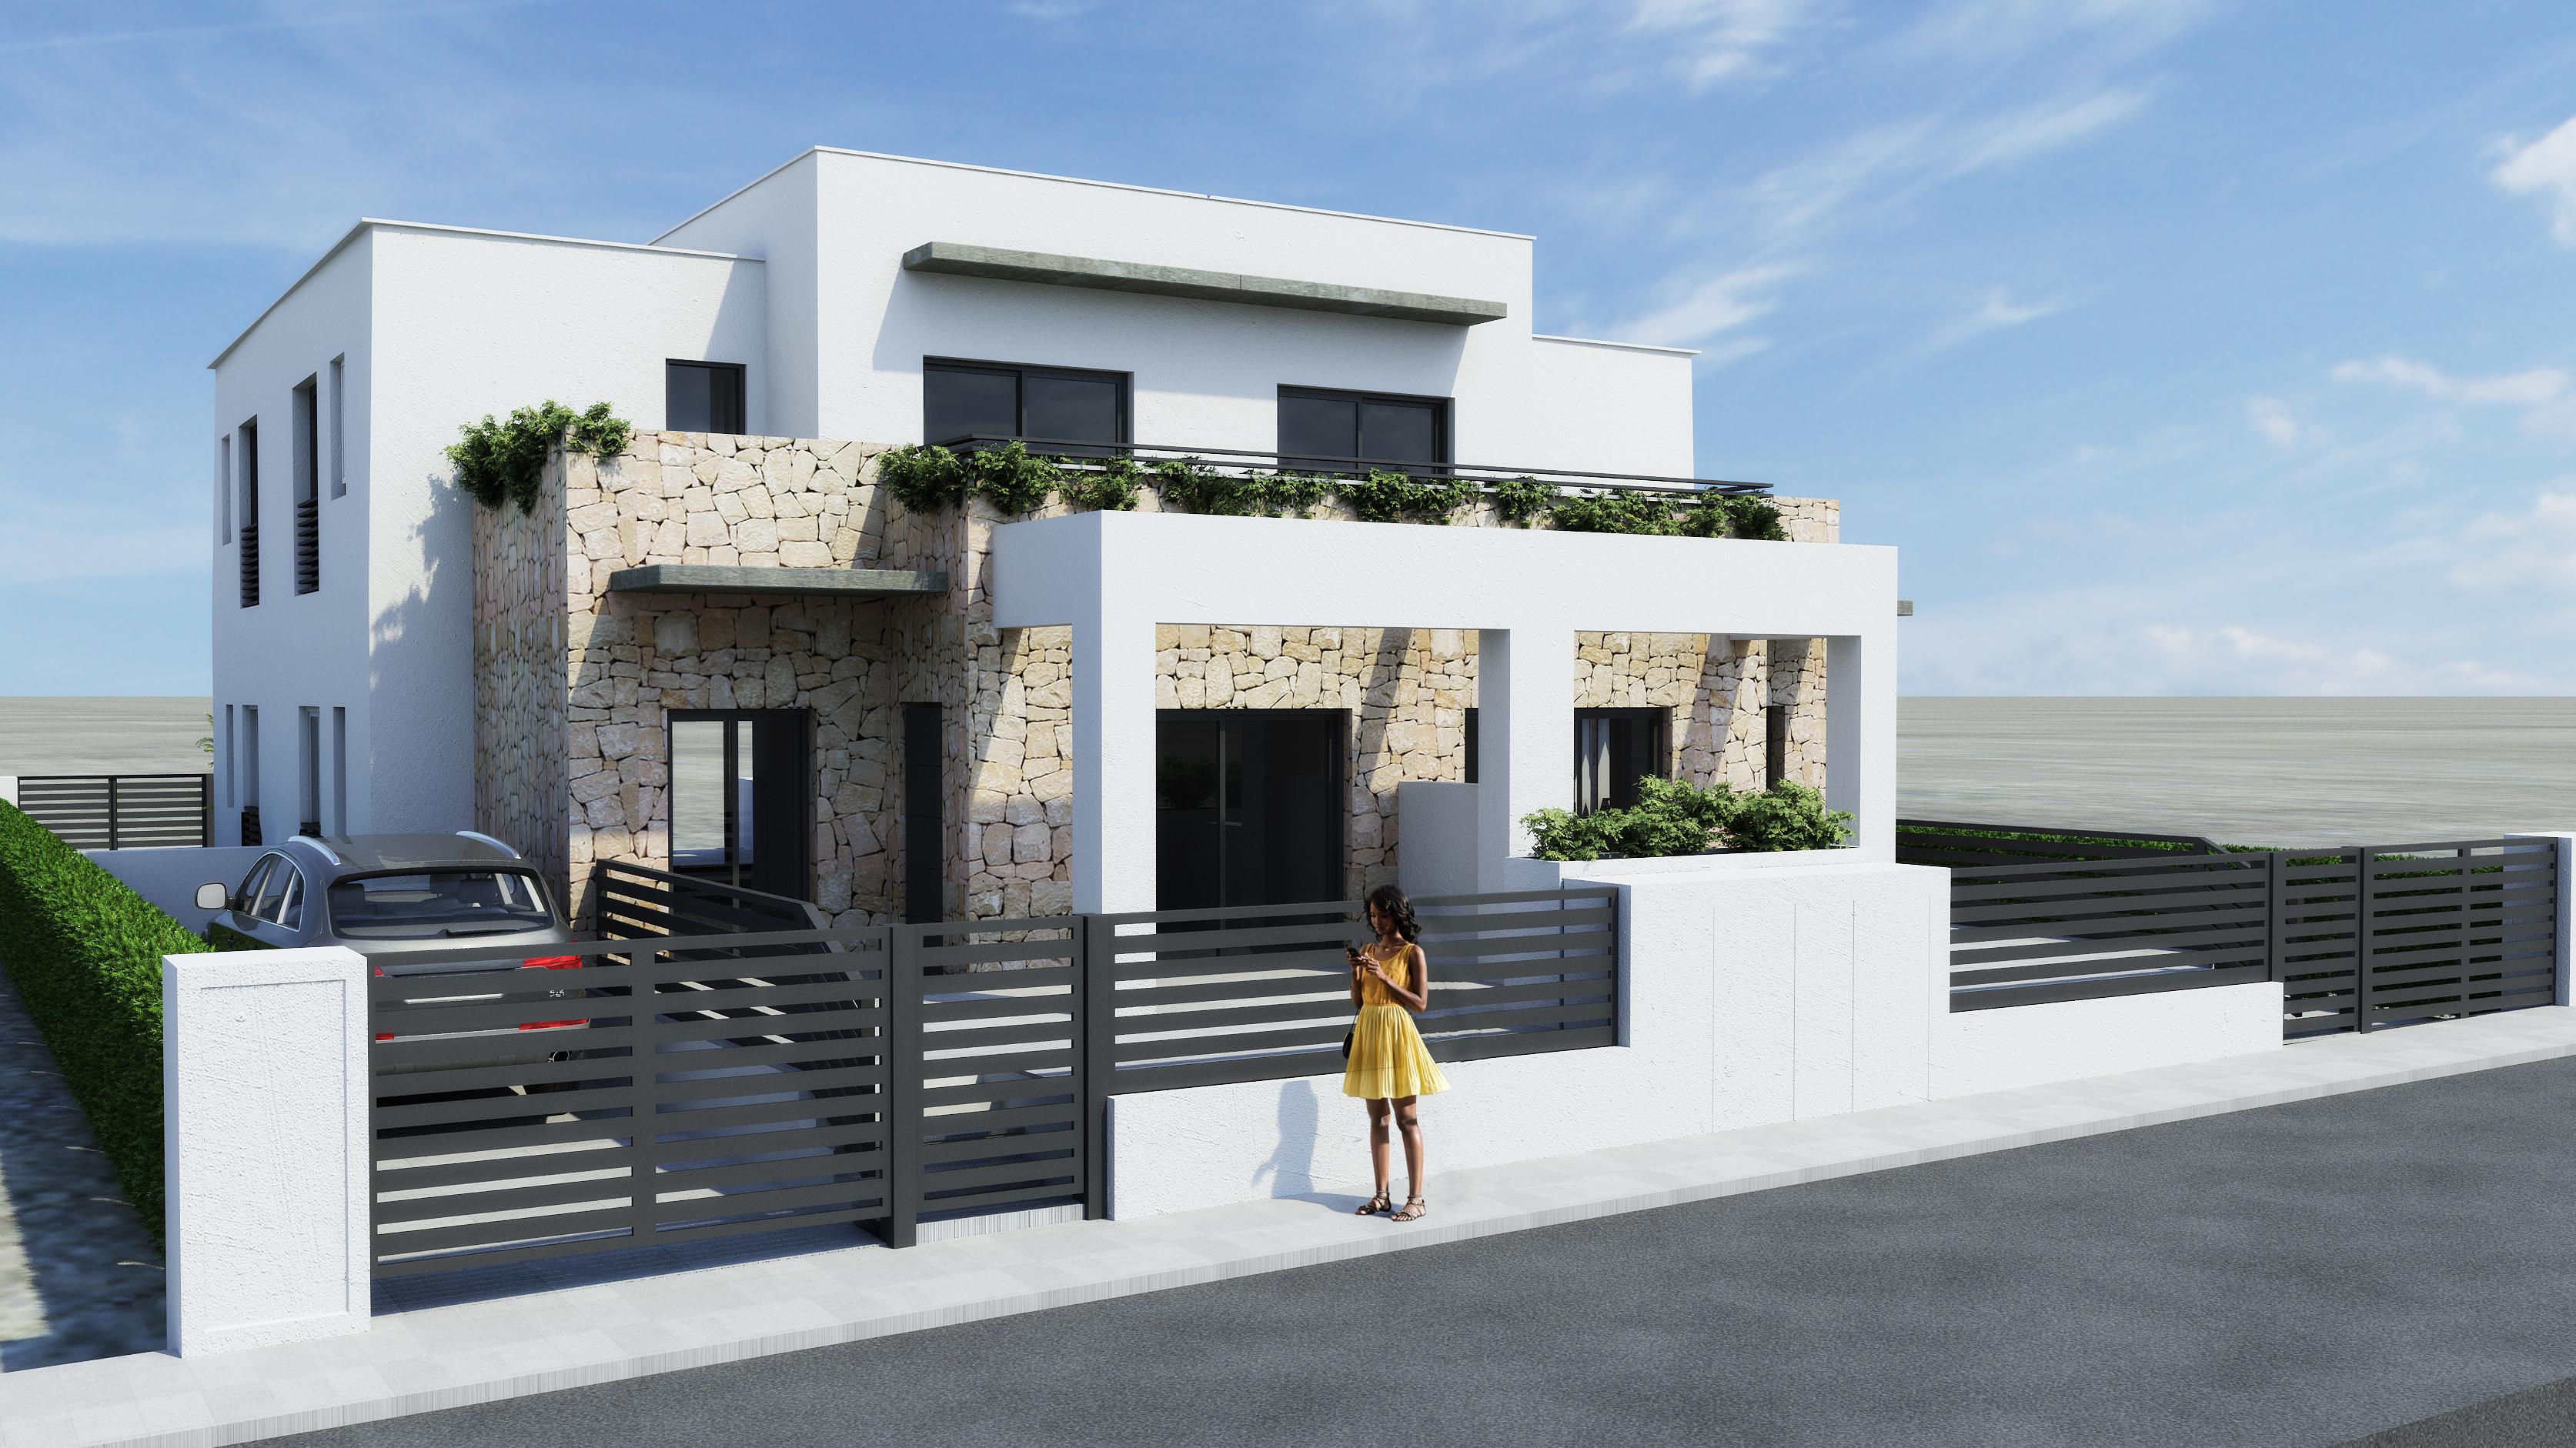 QUAD HOUSES IN AGUAS NUEVAS, TORREVIEJA